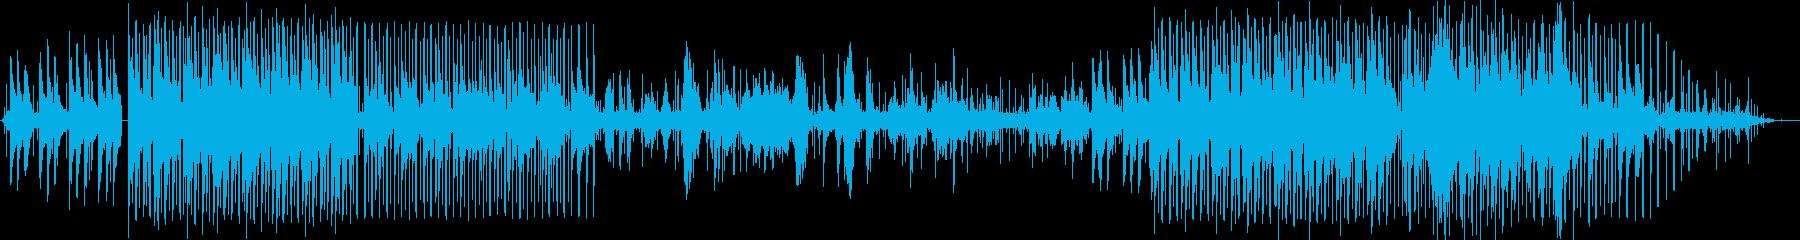 ローファイサウンドによるピアノBGMの再生済みの波形